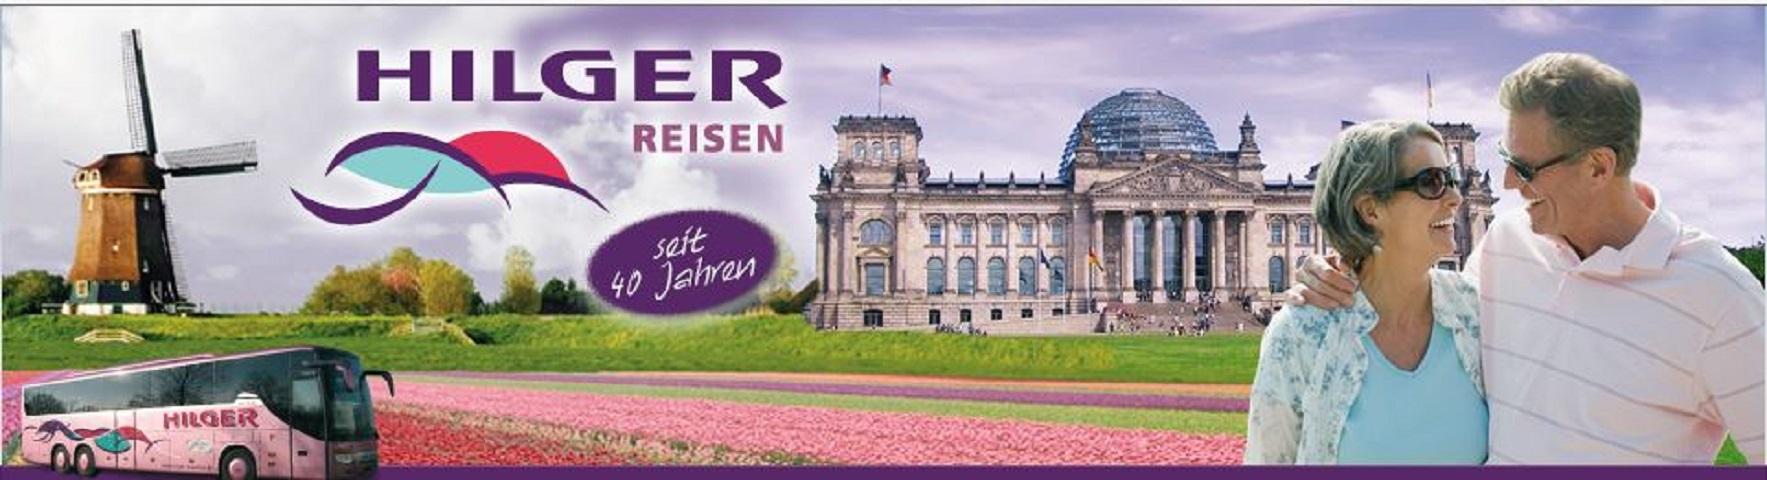 Foto de Hilger Reisen GmbH & Co. KG